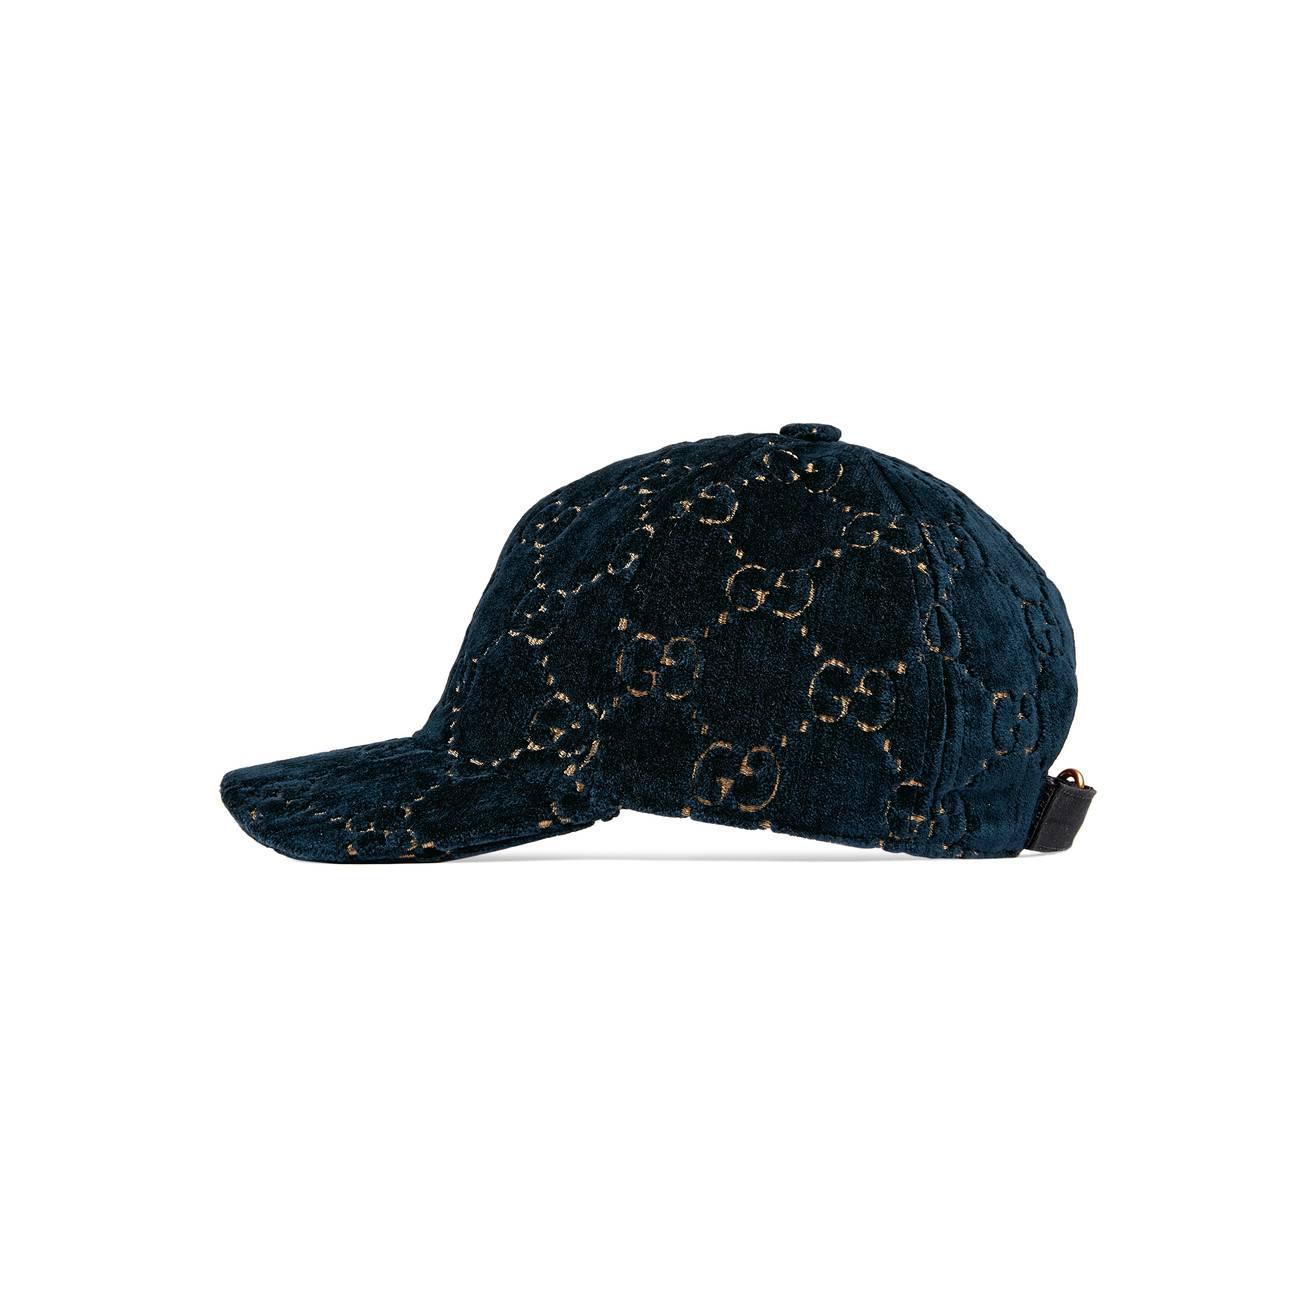 a9c908cb0d3 Gucci - Blue GG Velvet Baseball Cap - Lyst. View fullscreen